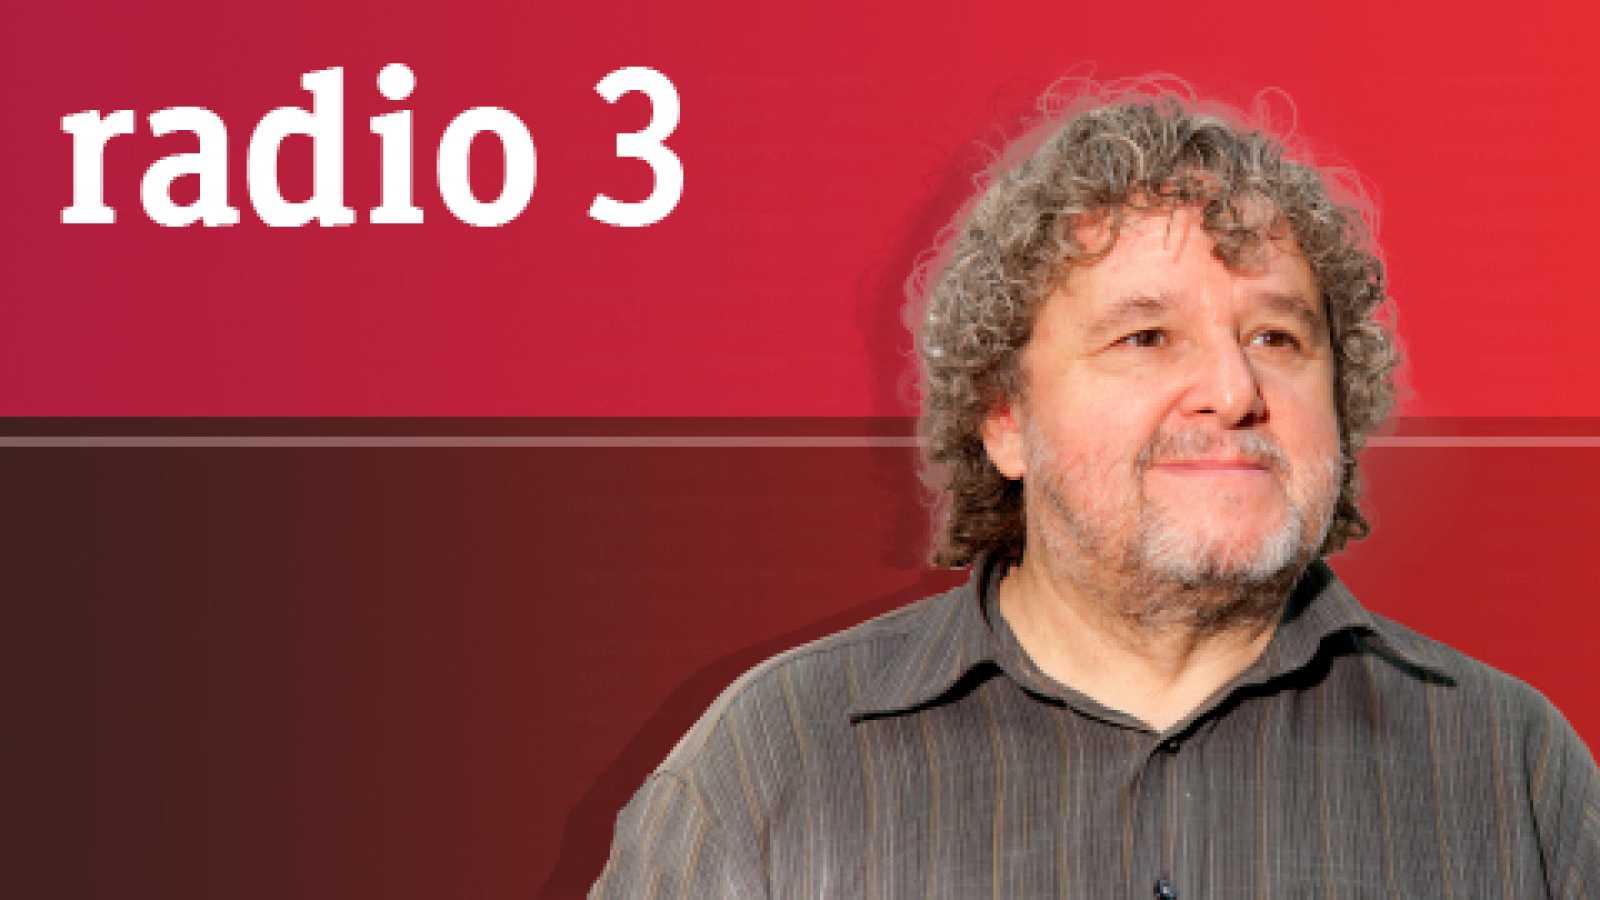 Disco grande - Navideño Andrew Bird y los 30 años de Half a Cow Records - 04/11/20 - escuchar ahora